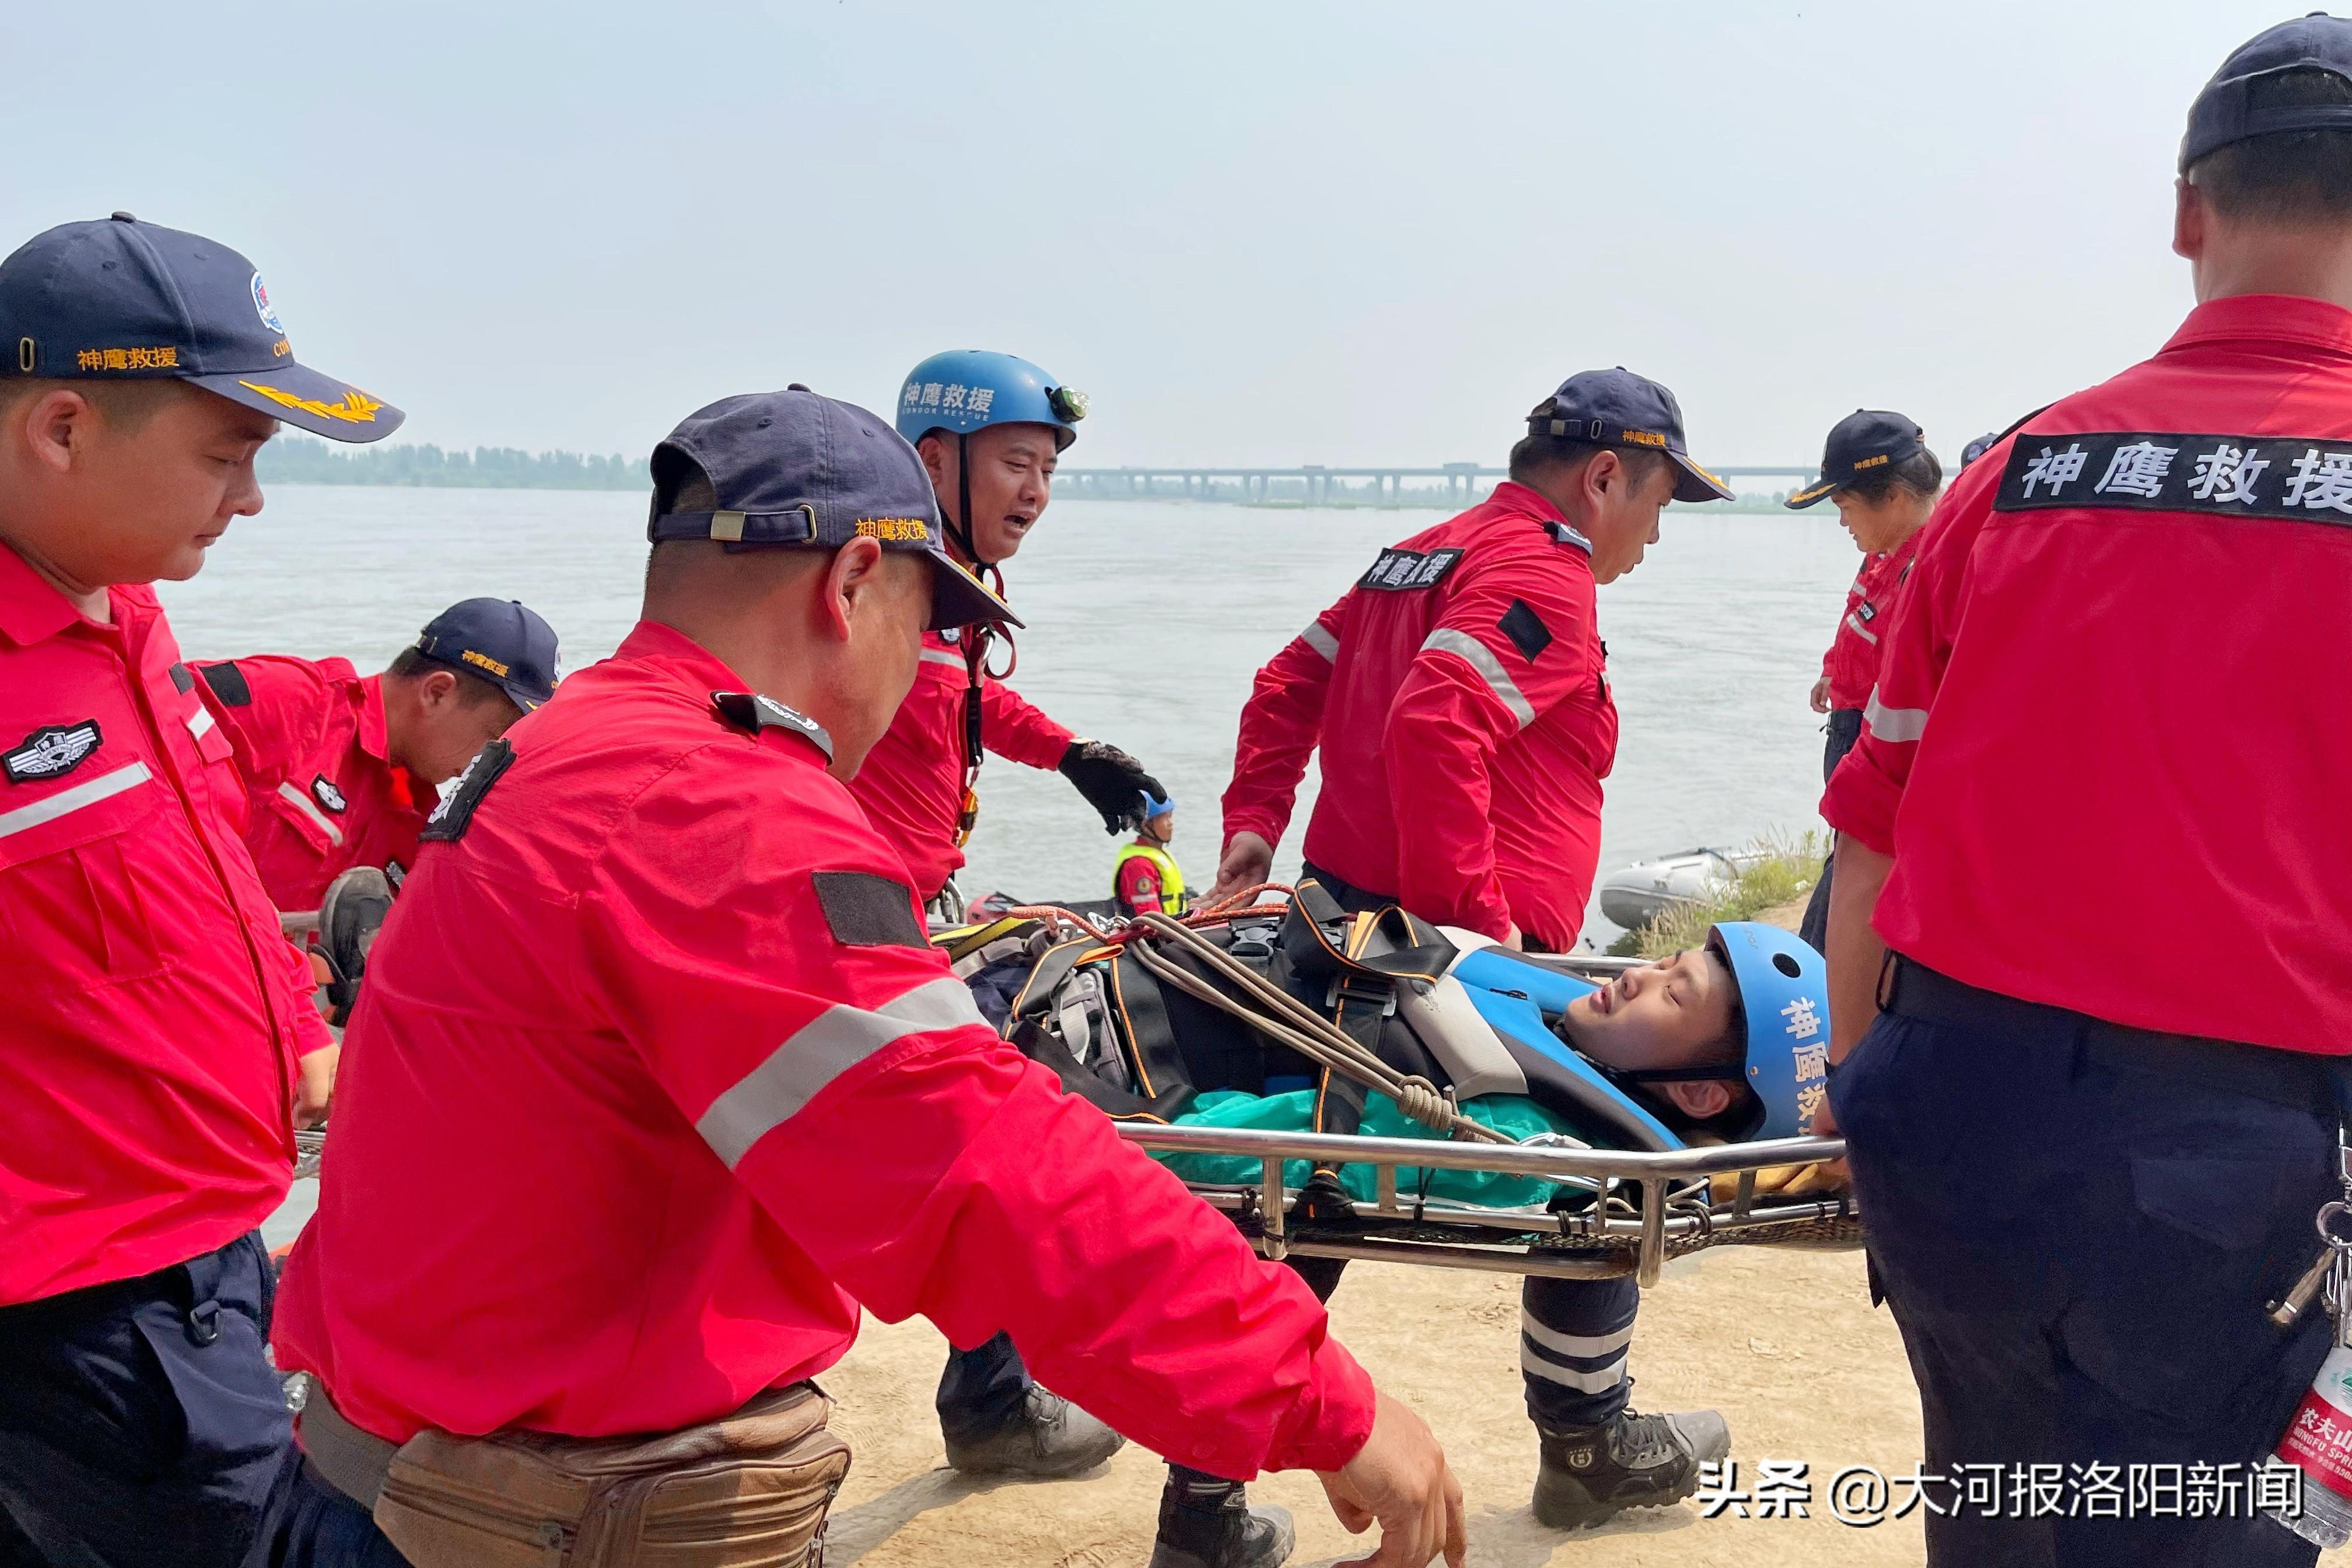 洛阳市神鹰救援队举行夏季防汛演练,并启动保护母亲河活动